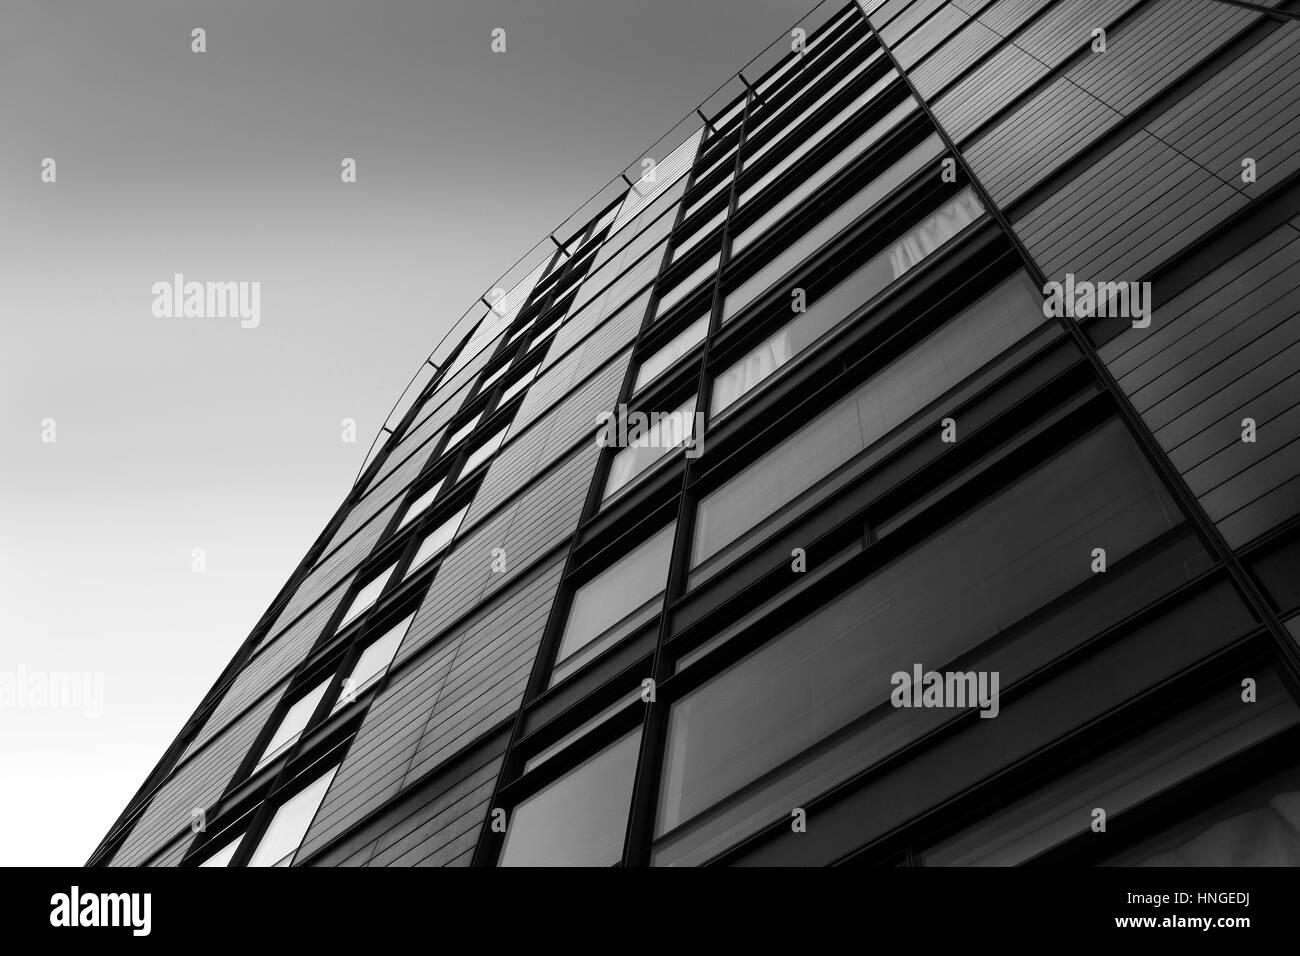 L'architecture détaillée en noir et blanc Banque D'Images